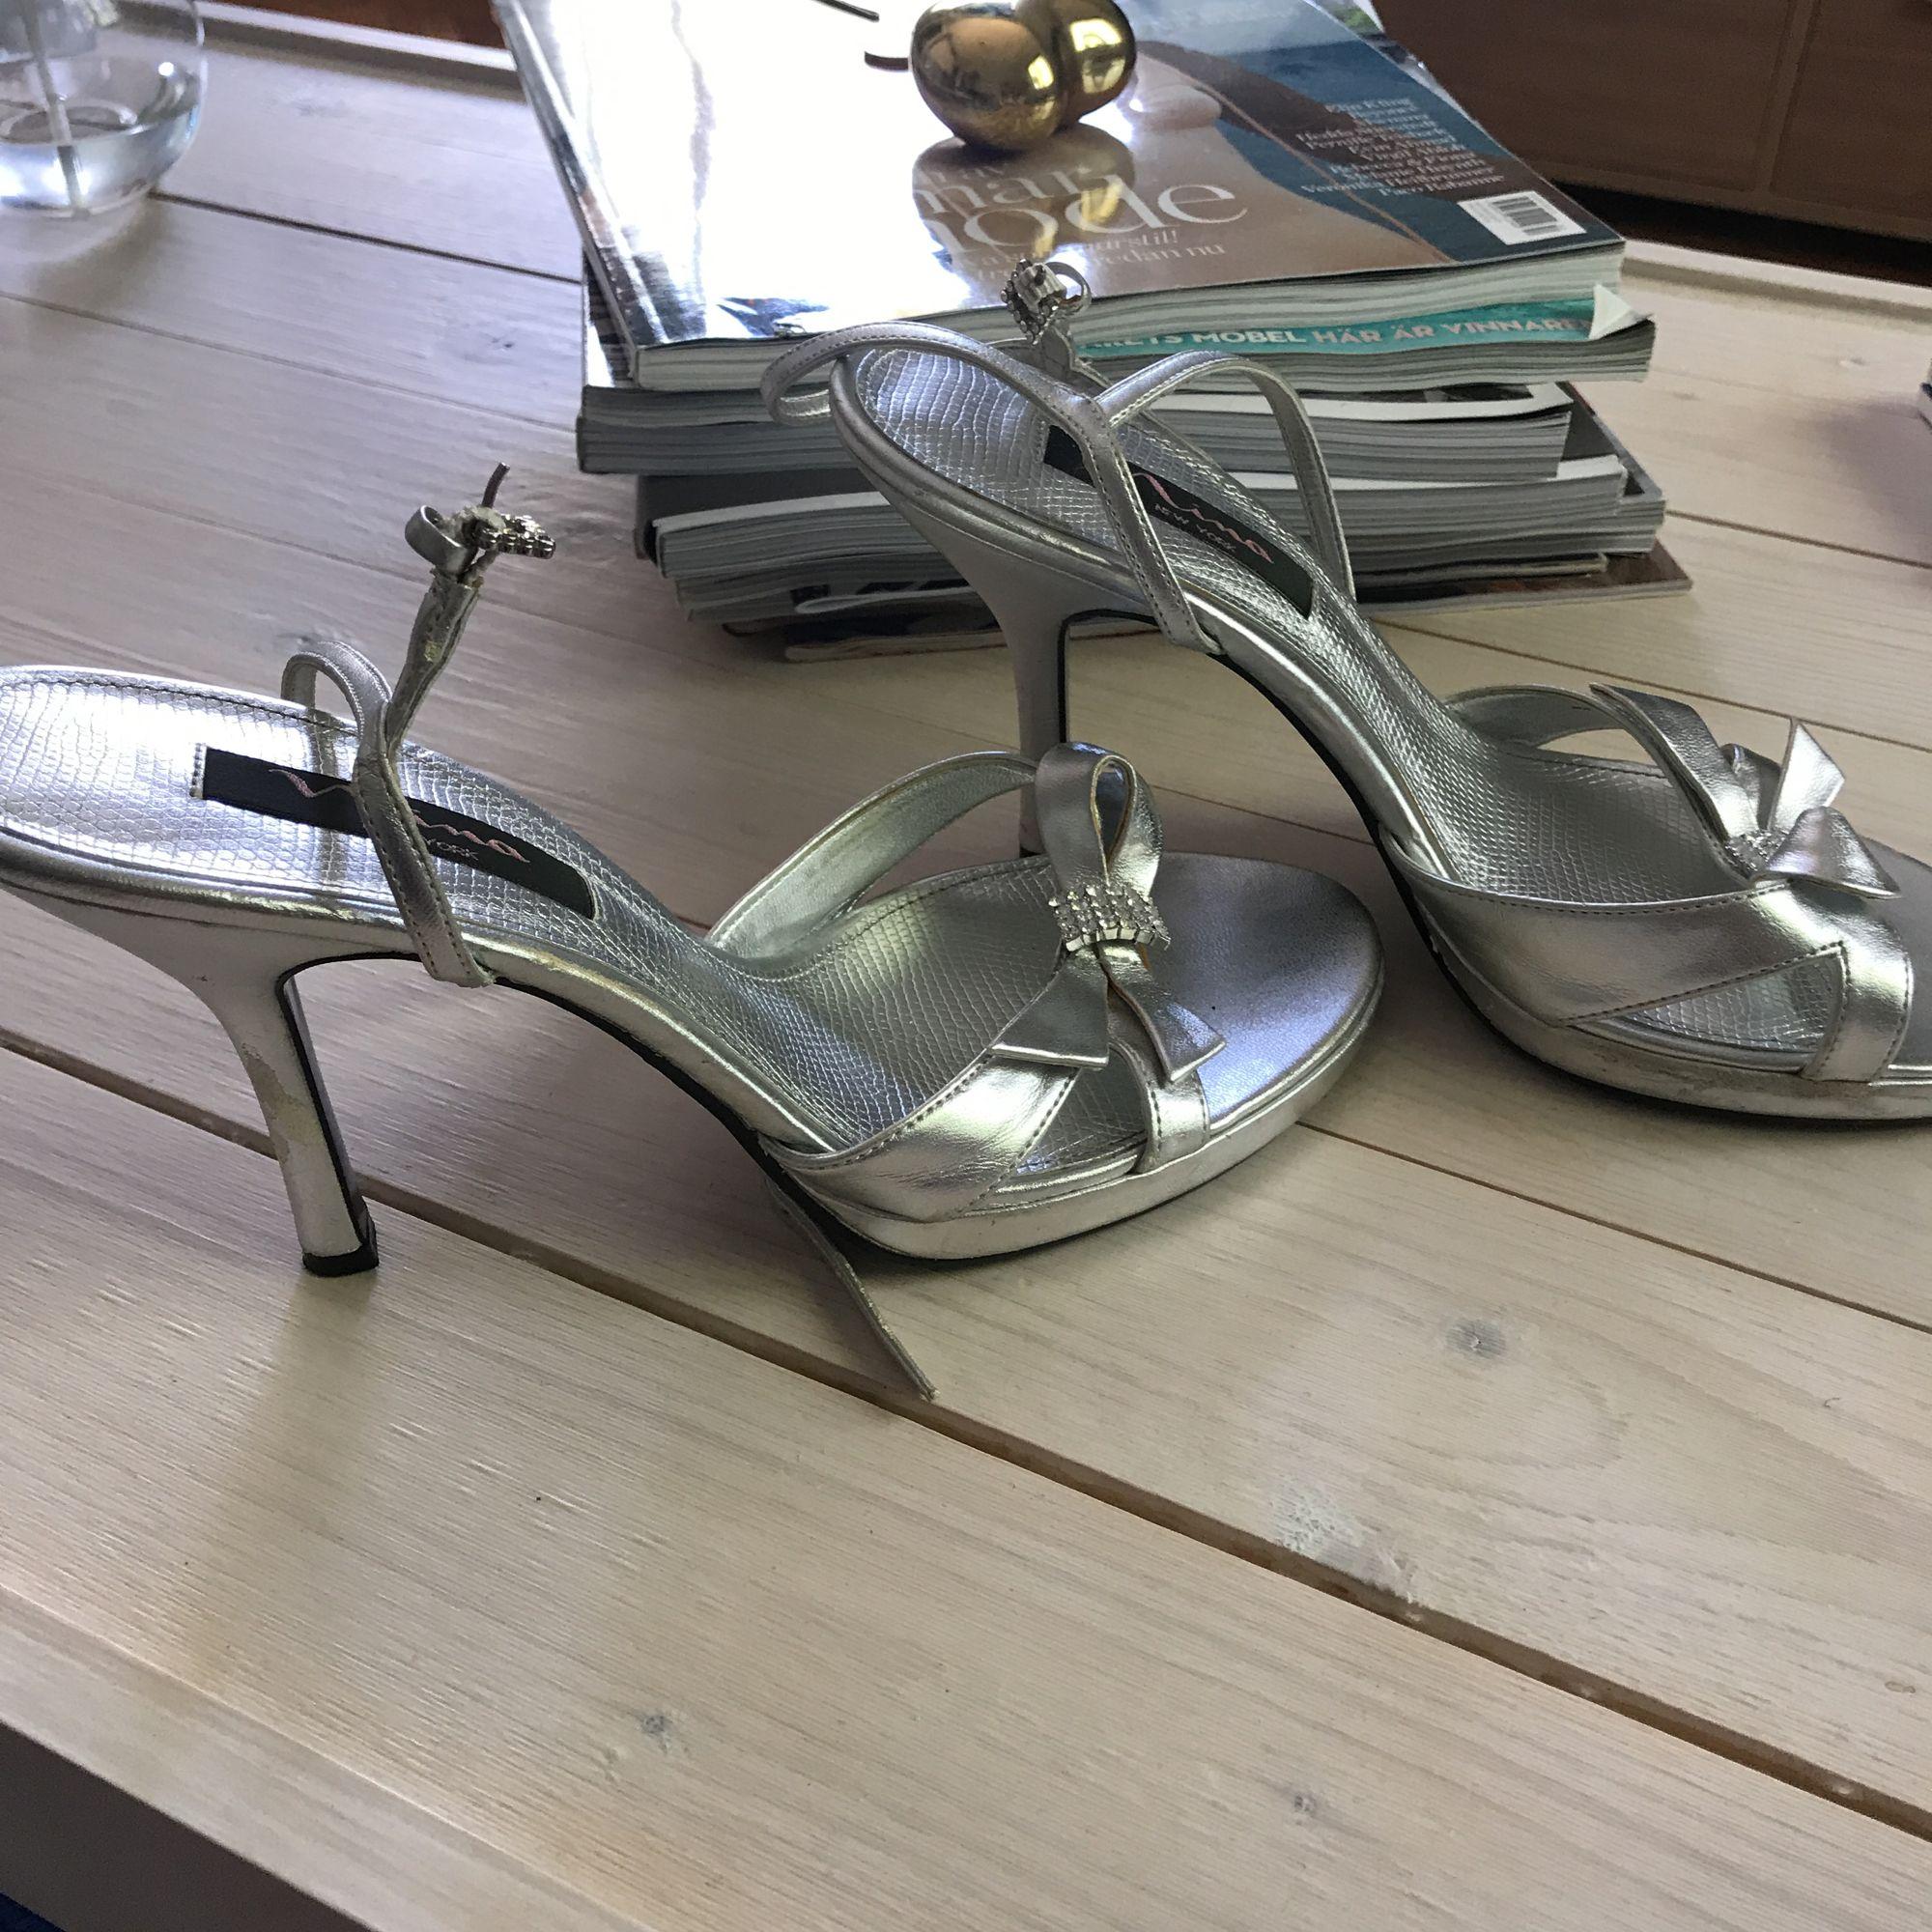 e58508e54e7 ... Silvriga sandaletter, köpta för 900kr i USA. Har några slitagefläckar  men syns bara på ...